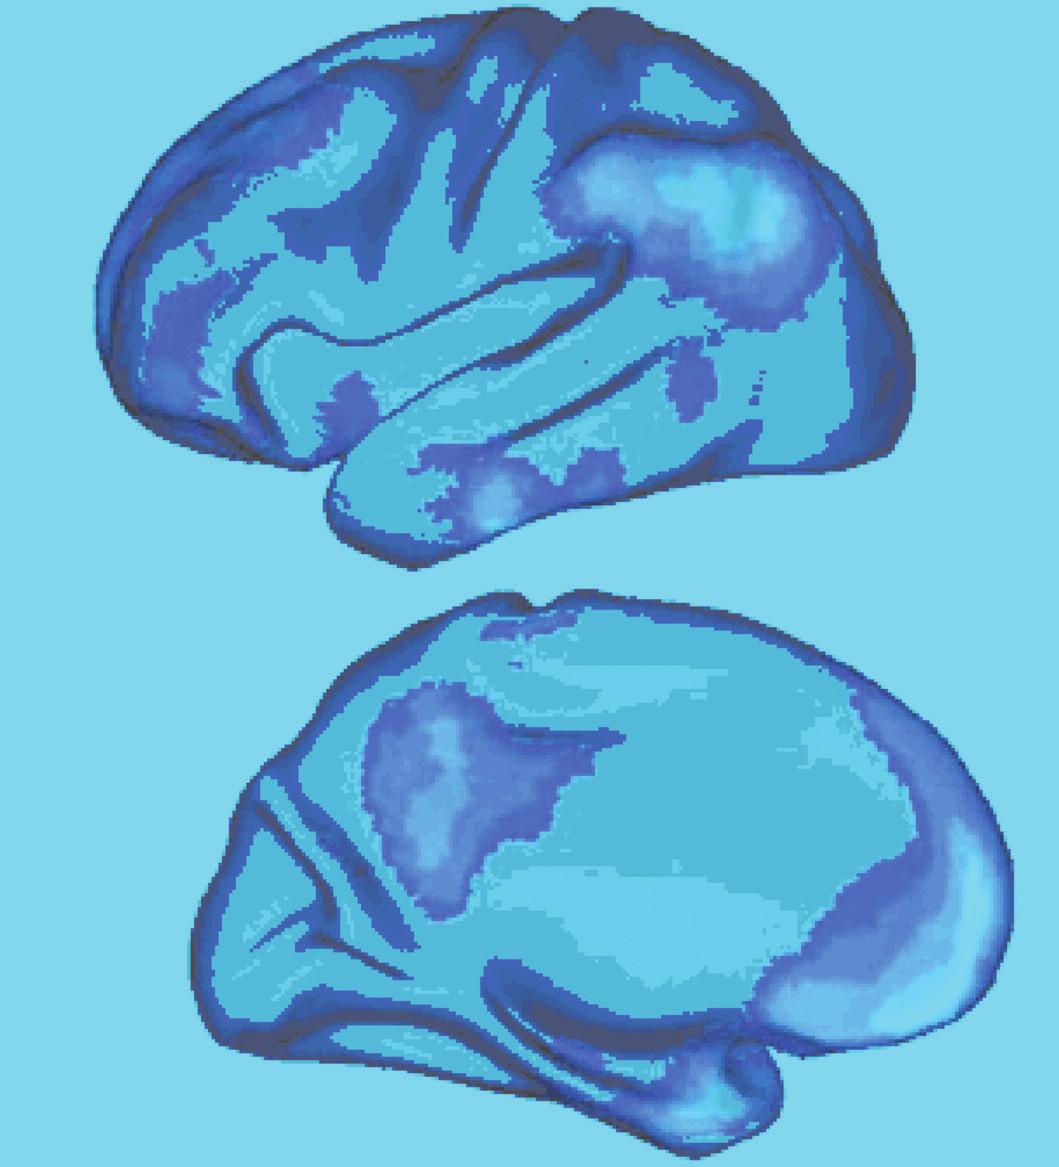 Implicitní (default) síť lidského mozku. Zevní a vnitřní plocha levé hemisféry. Dle Buckner et al. 2008 (2).